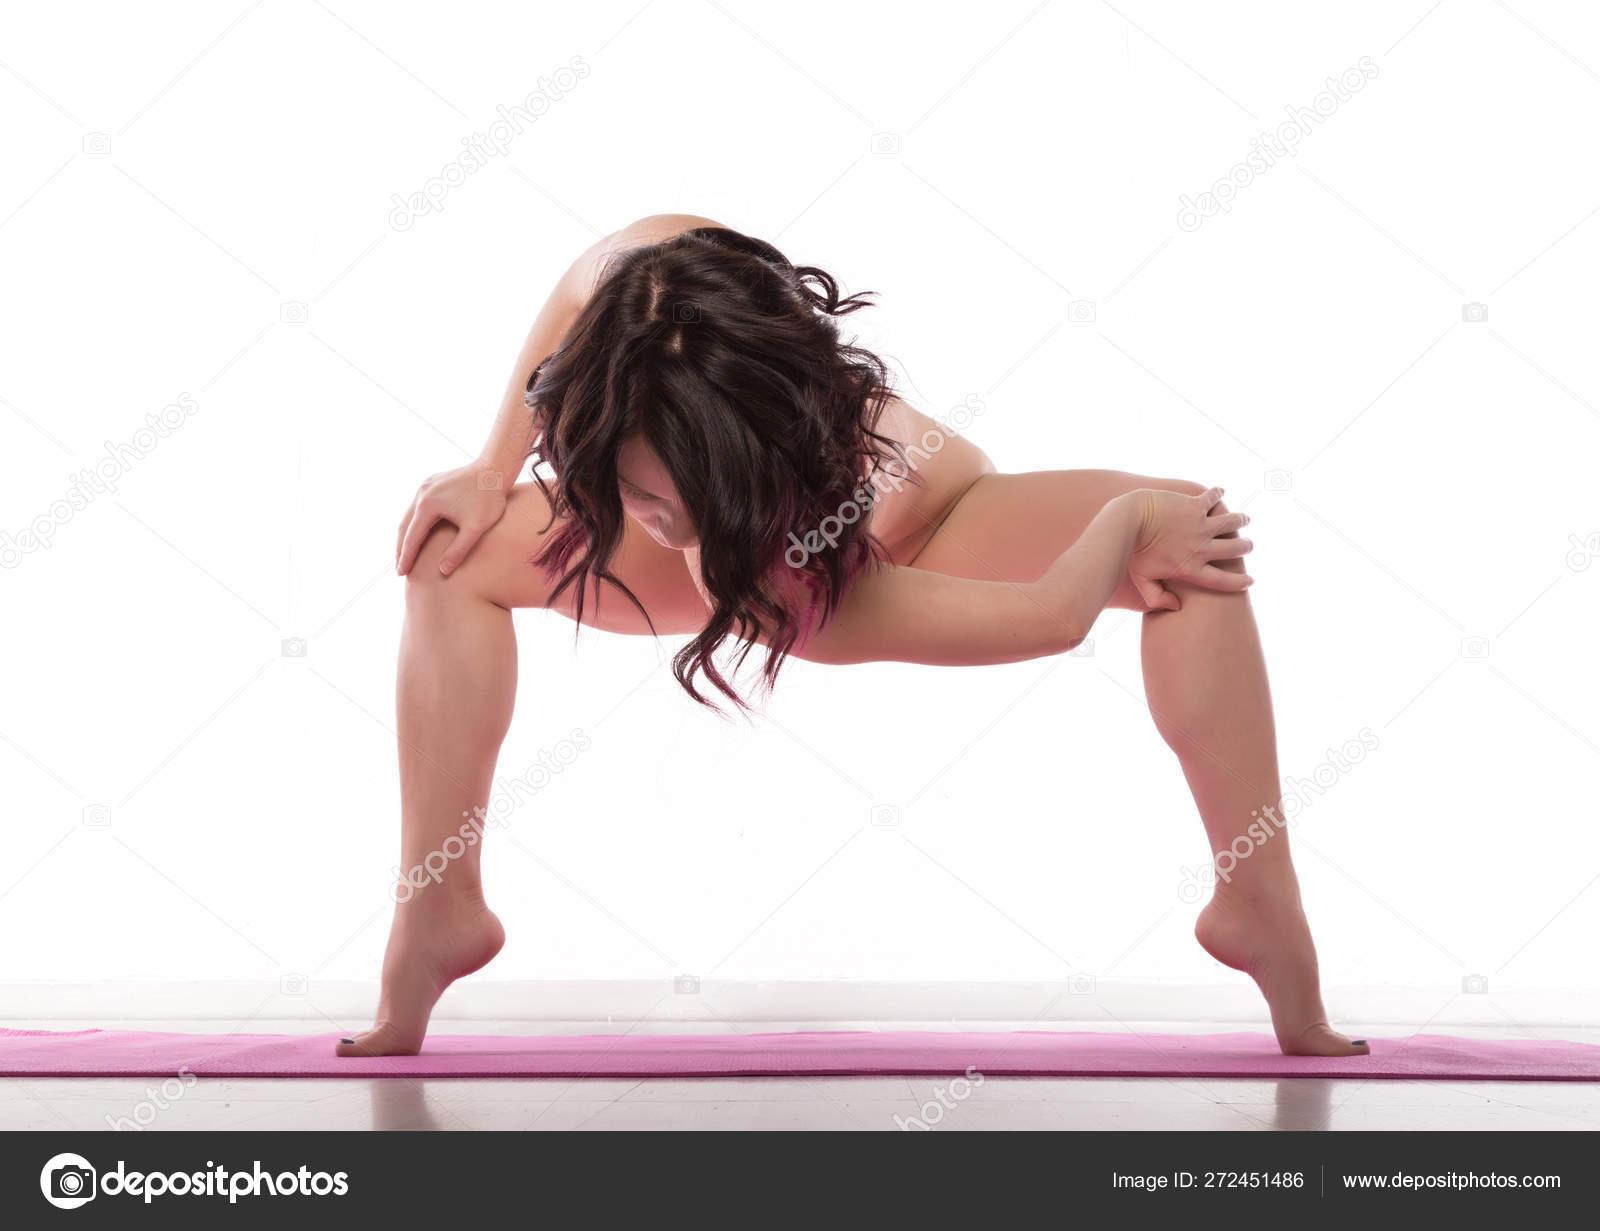 ru very little nudist girls Nude photos of underage girls seized from Epstein mansion ...